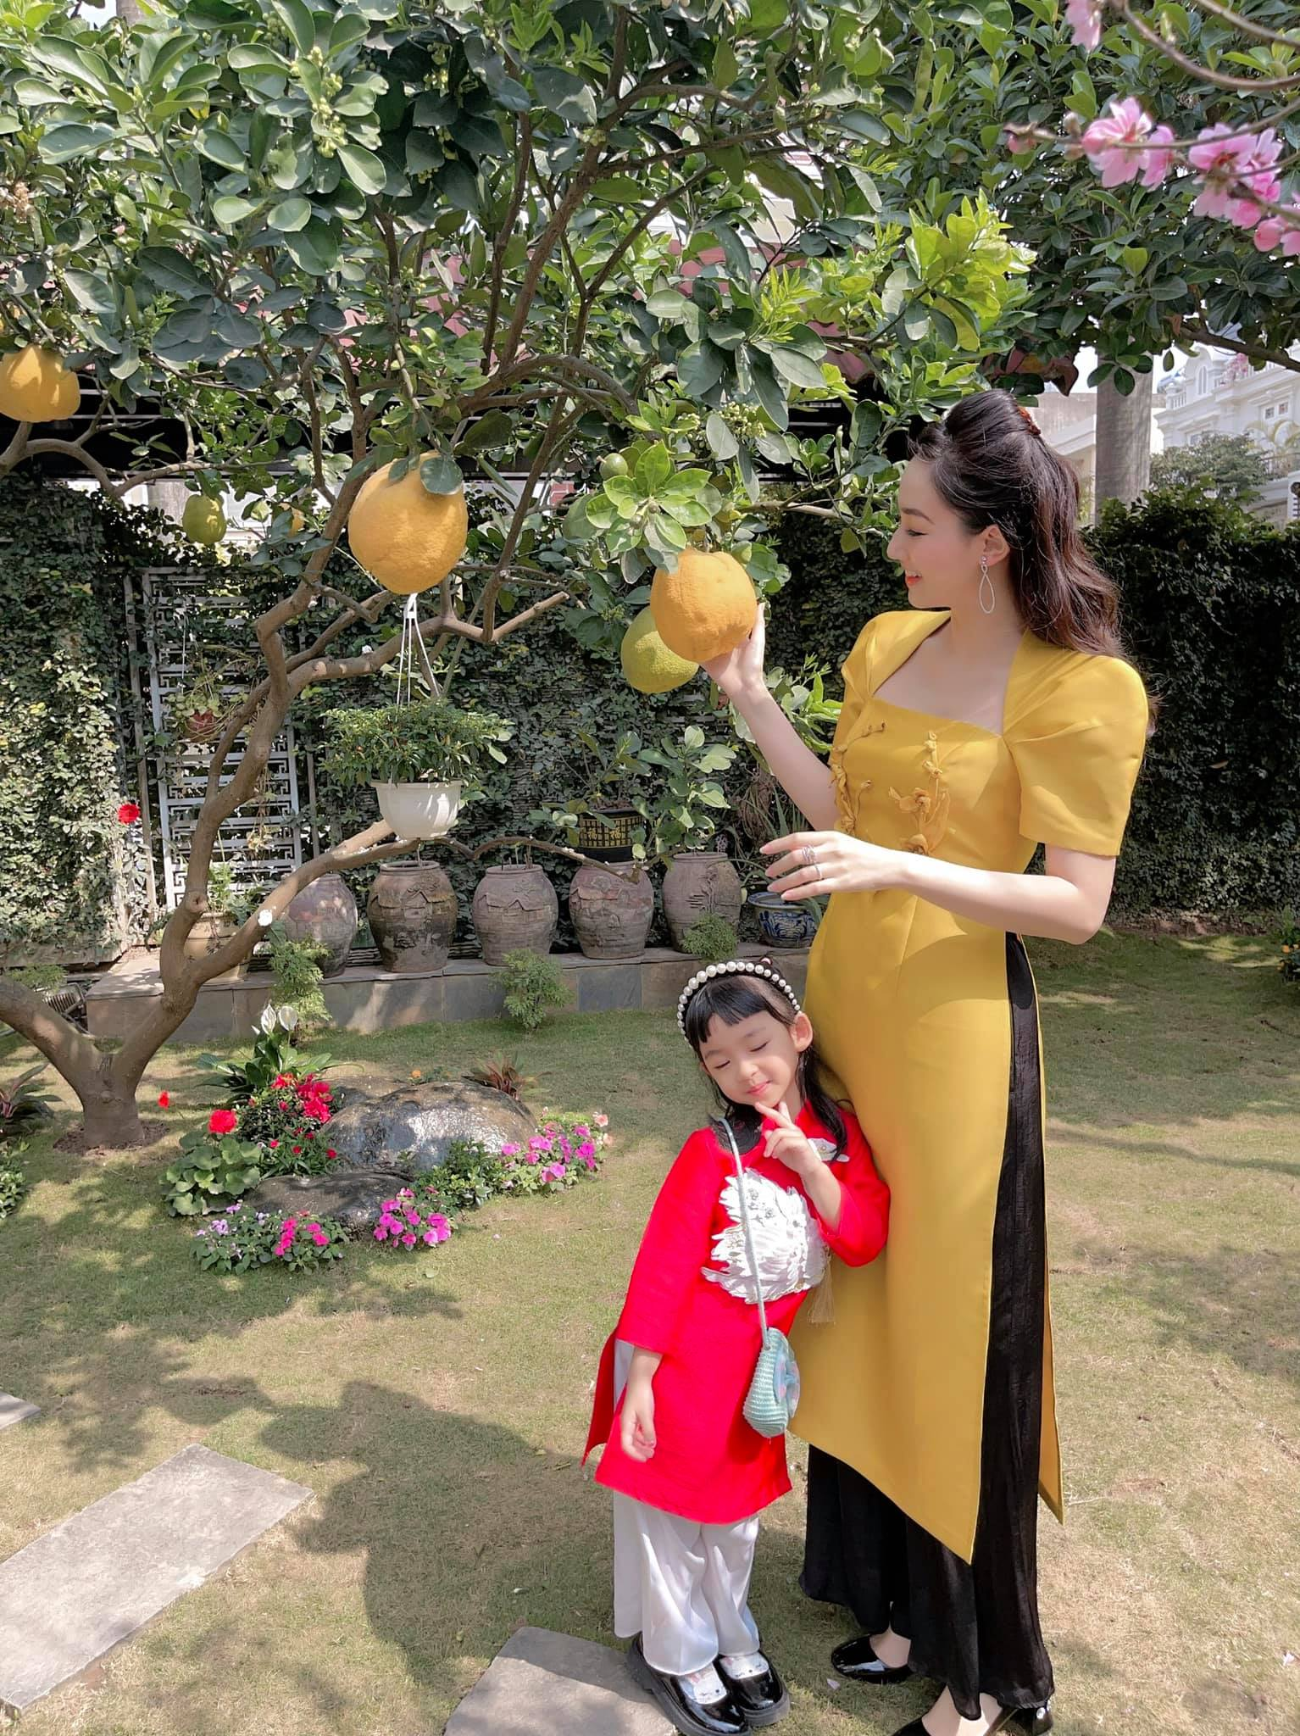 Hoa hậu Tiểu Vy khoe ảnh mẹ diện áo dài ngày mùng 1 Tết, fans trầm trồ vì nhan sắc trẻ đẹp ảnh 18